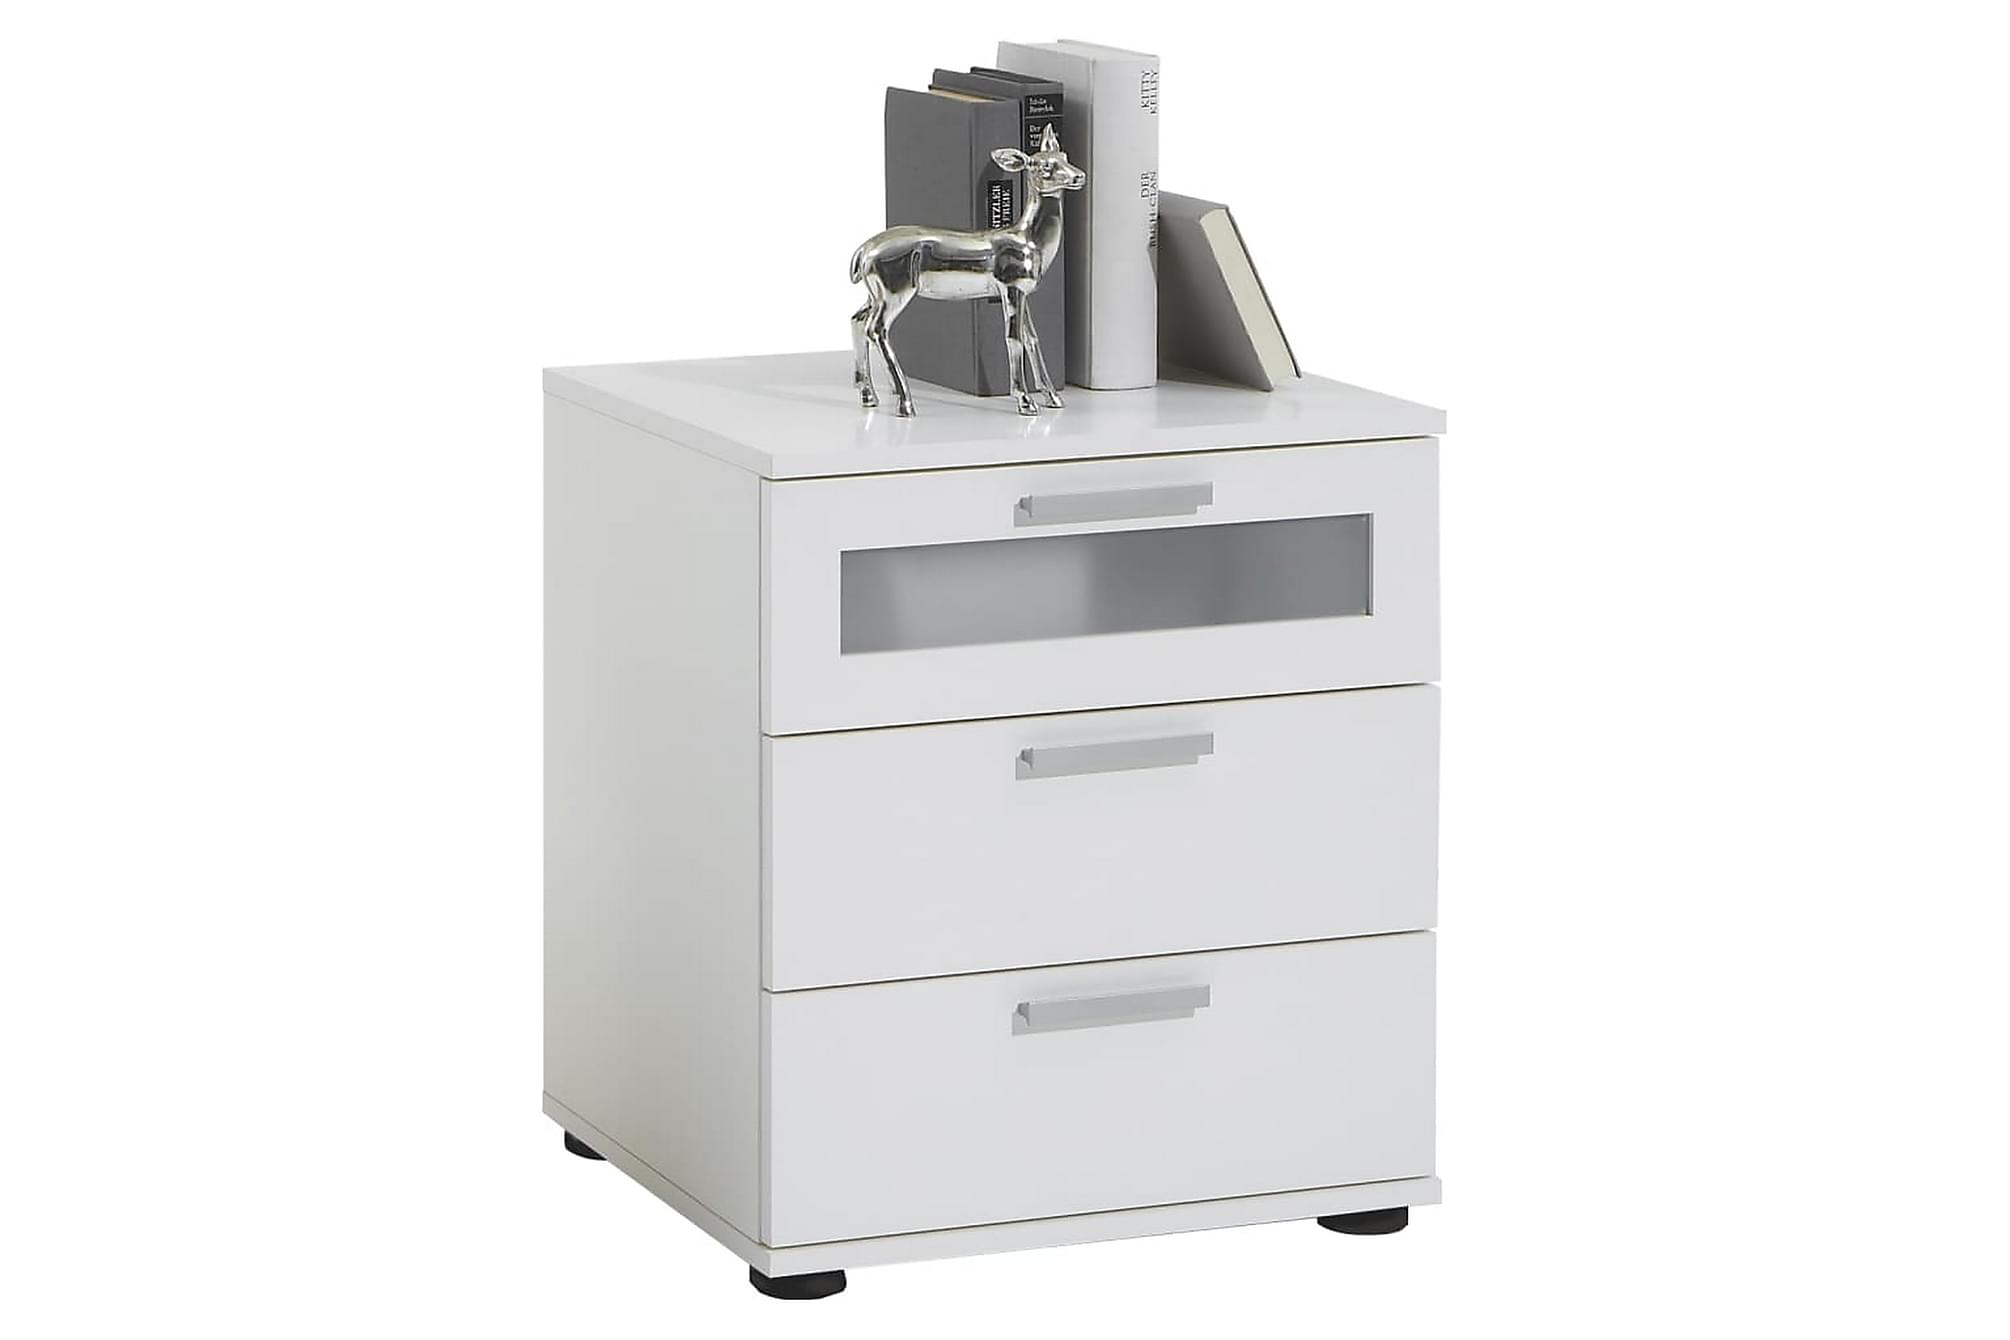 FMD Nattduksbord med 3 lådor vit, Rullbord